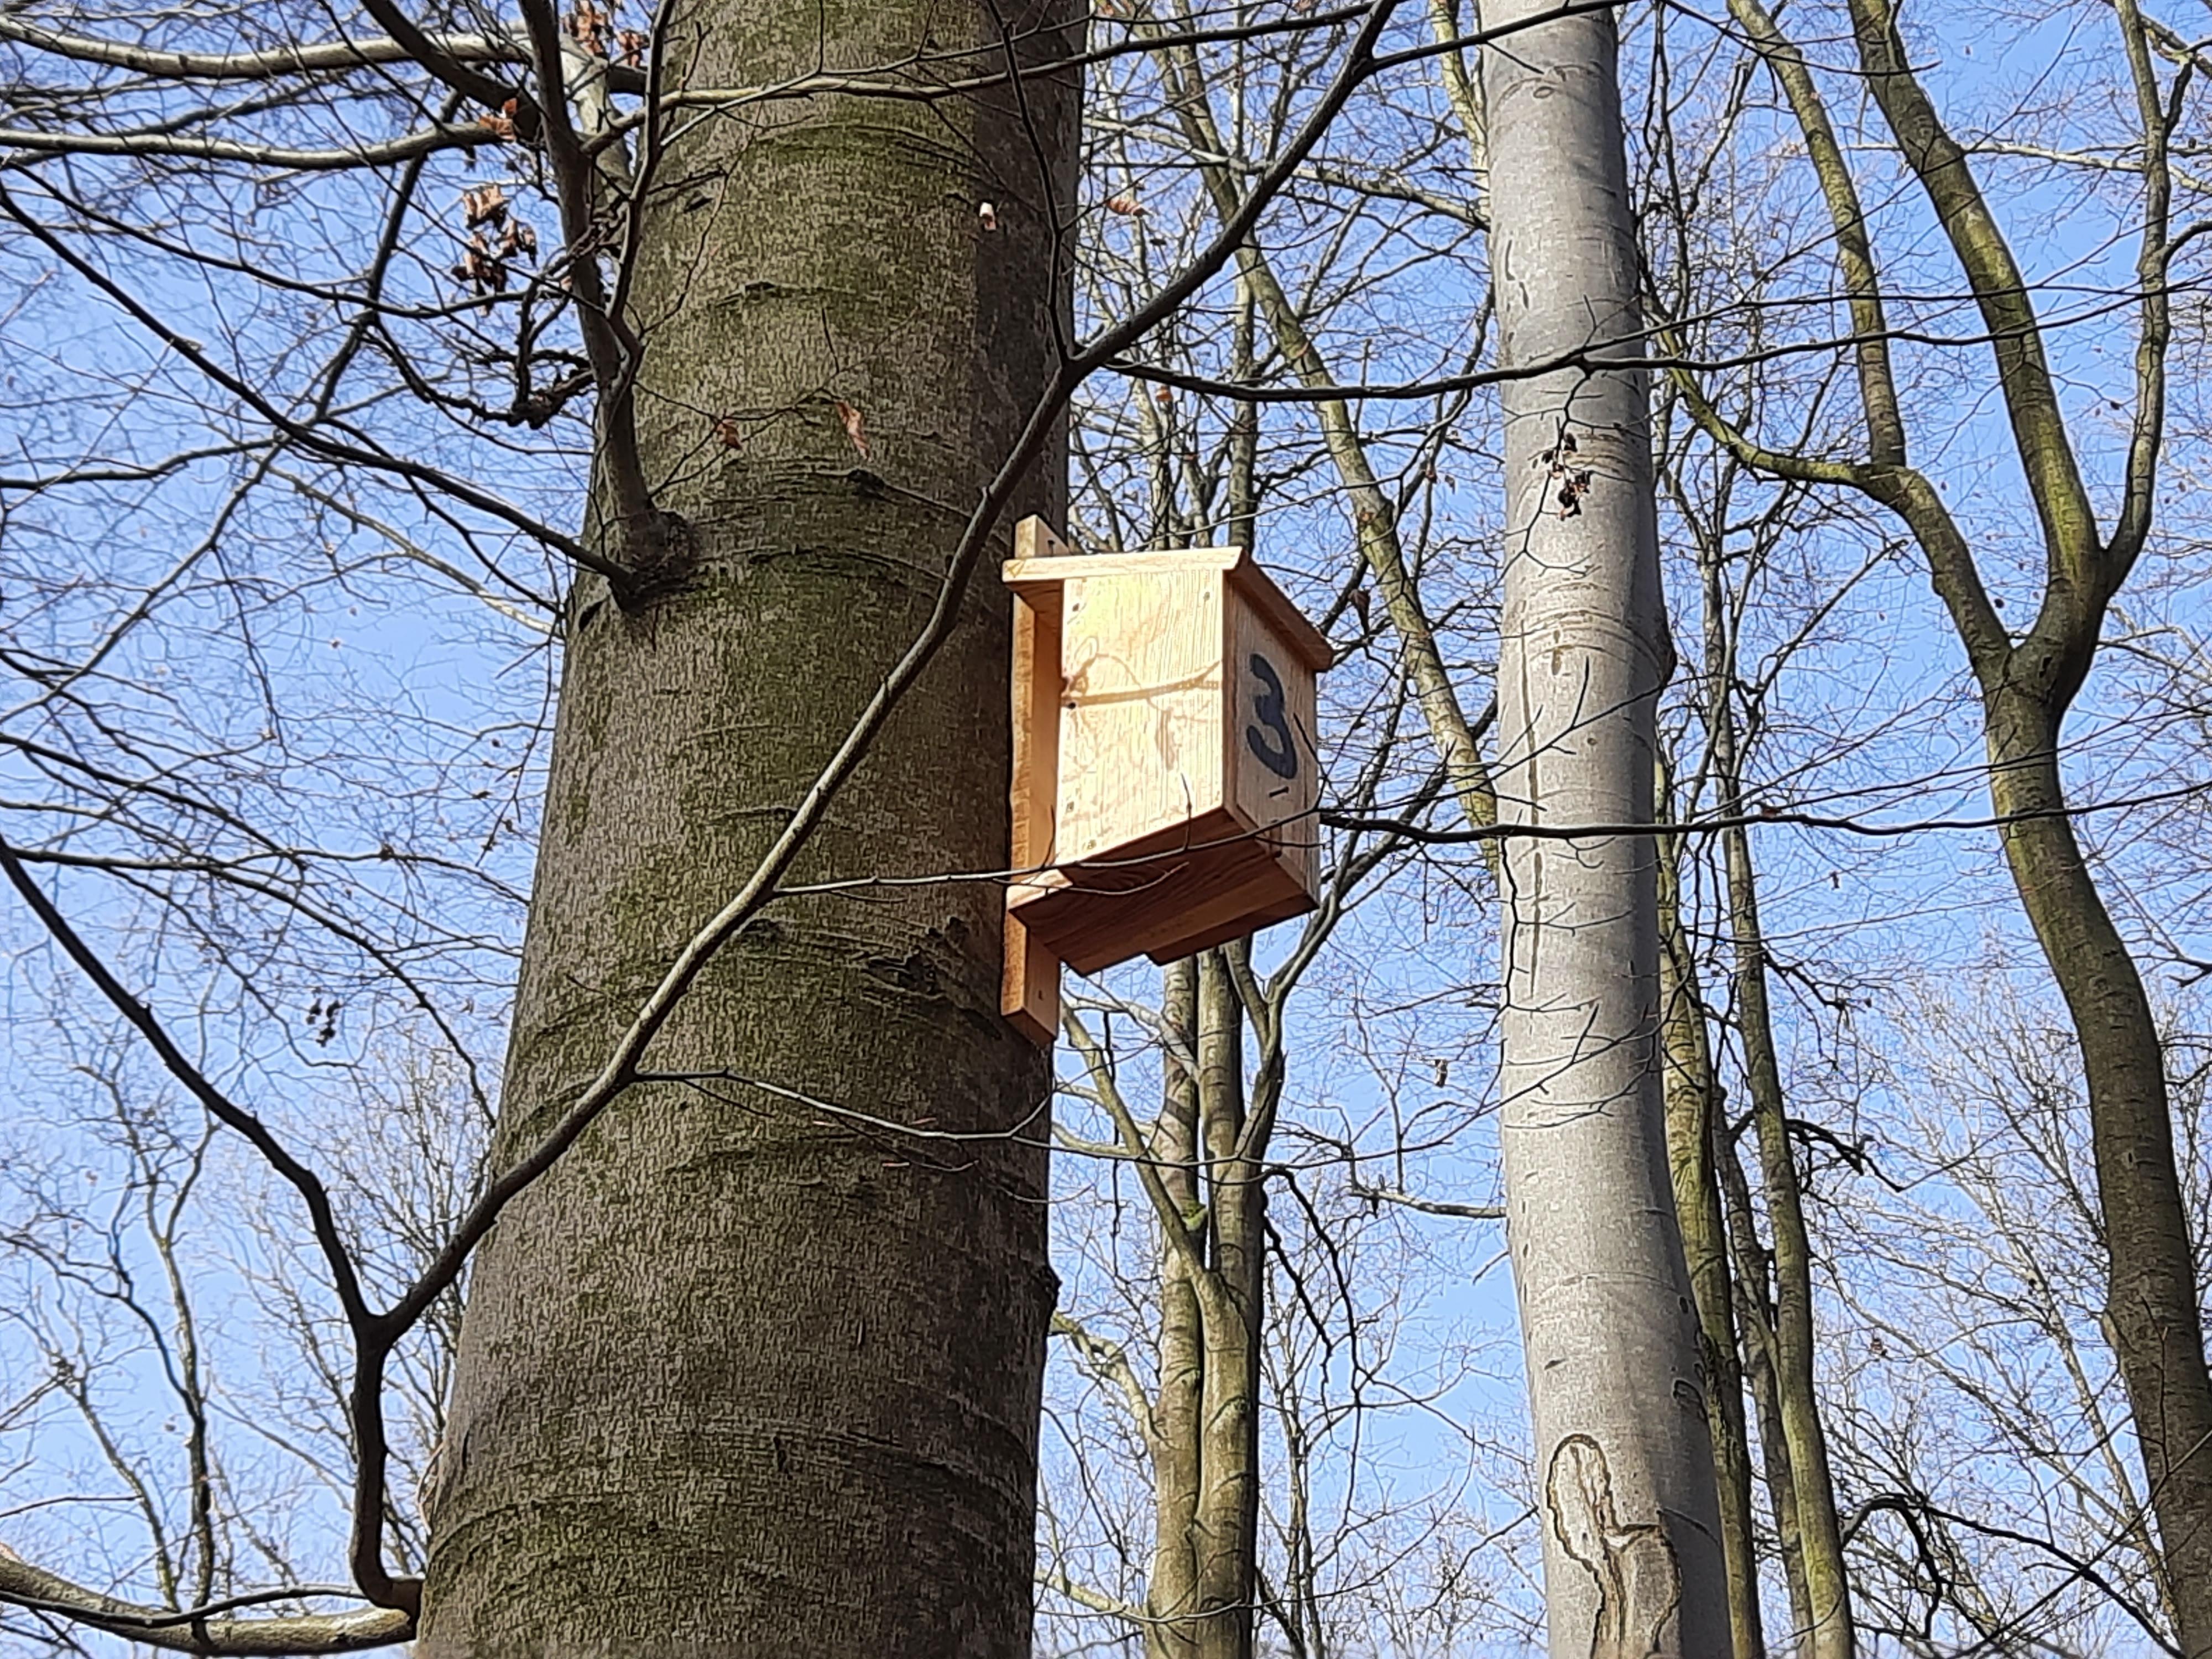 Zamontowana skrzynka na drzewie